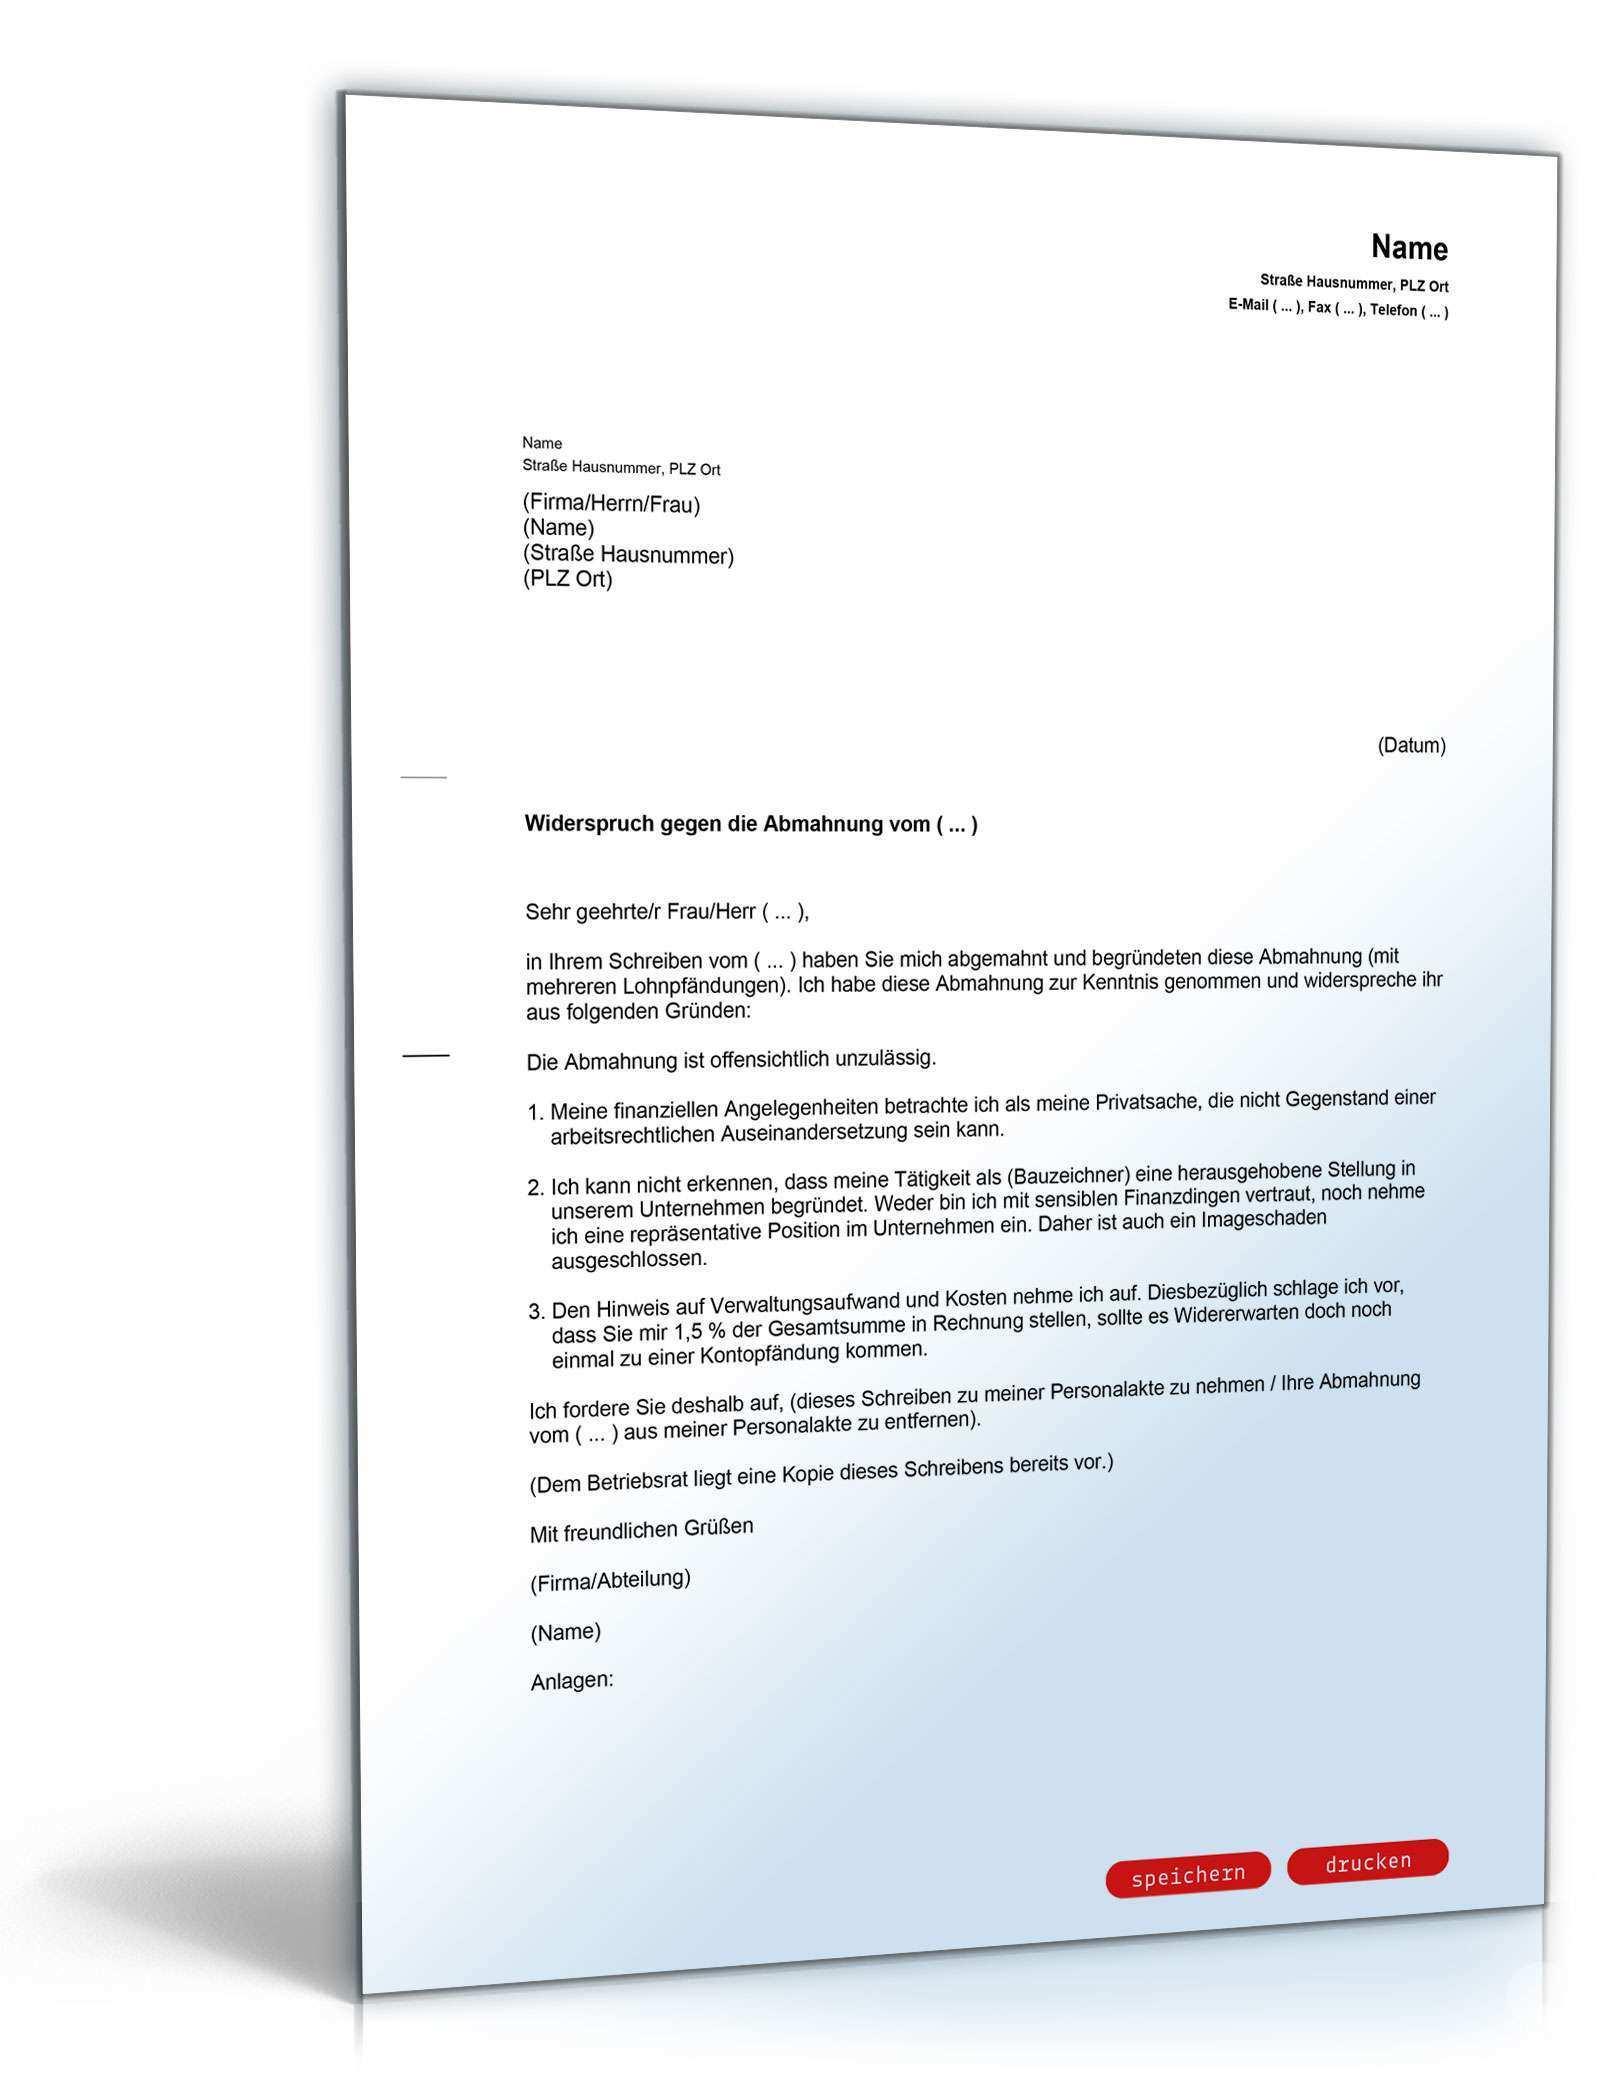 Gegendarstellung Abmahnung Wiederholte Lohnpfandungen Vorlage Zum Download